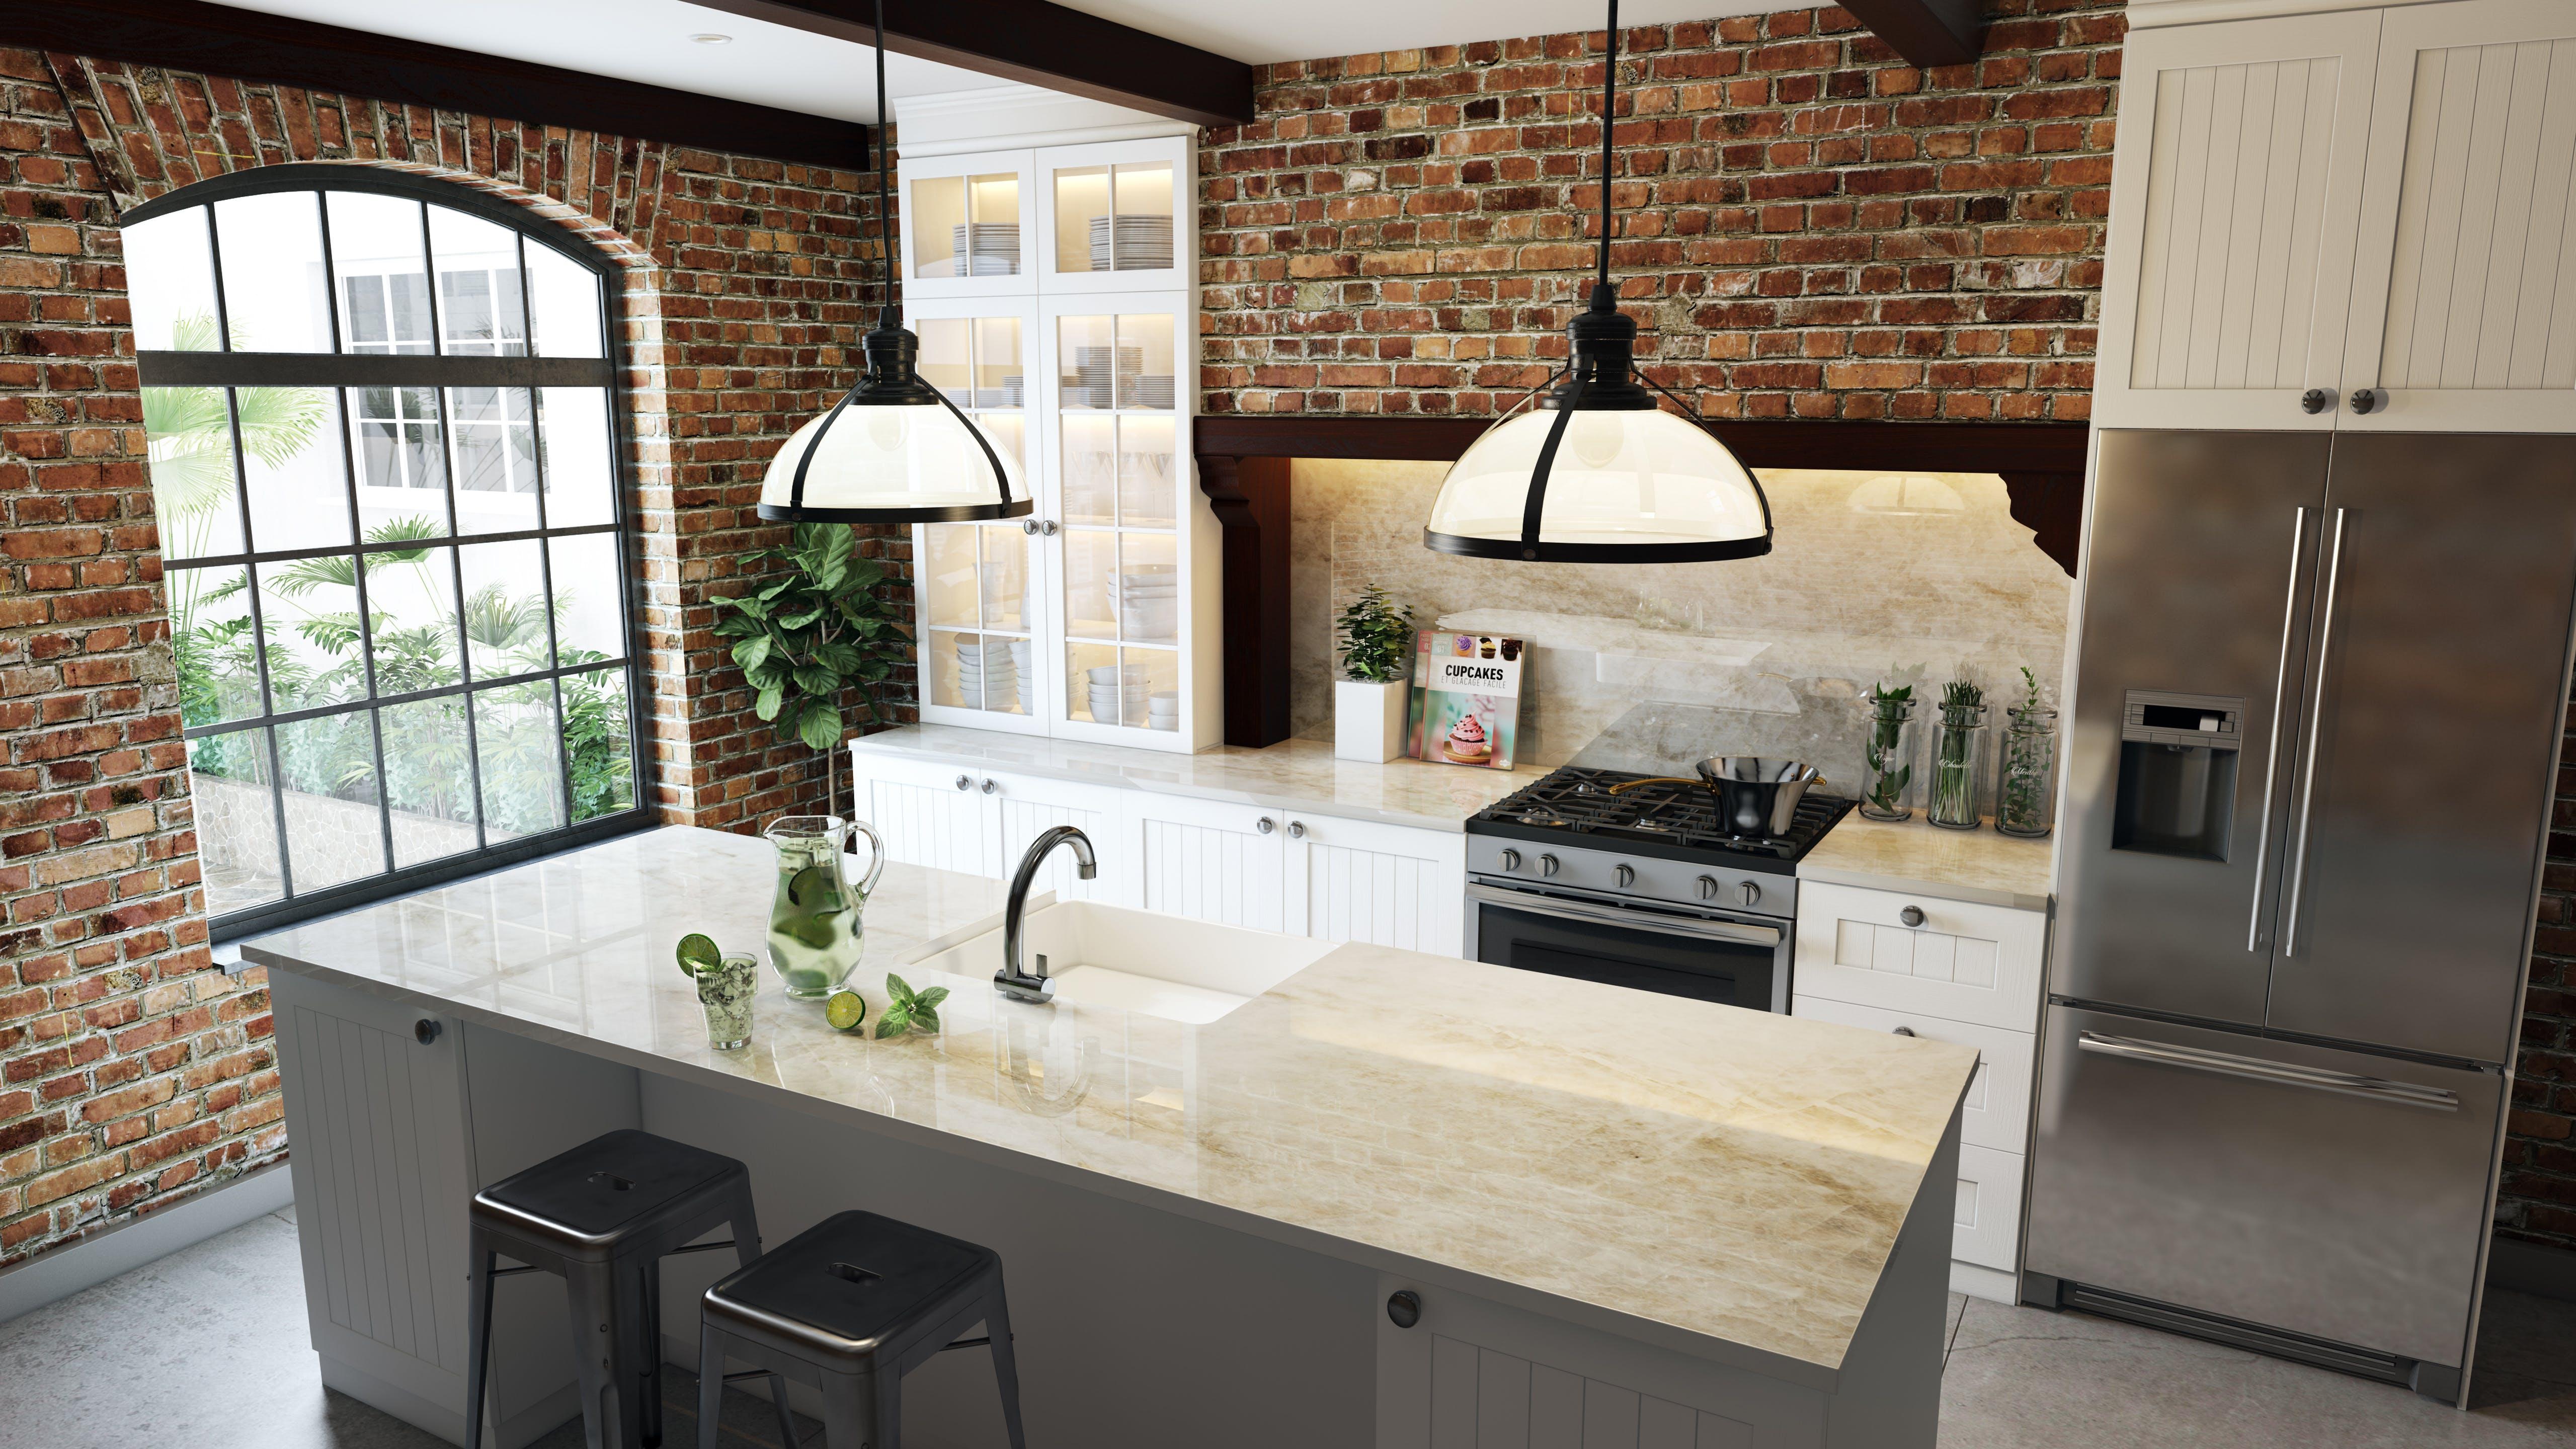 Dekton Taga Dekton Kitchen By Cosentino Cosentino Usa